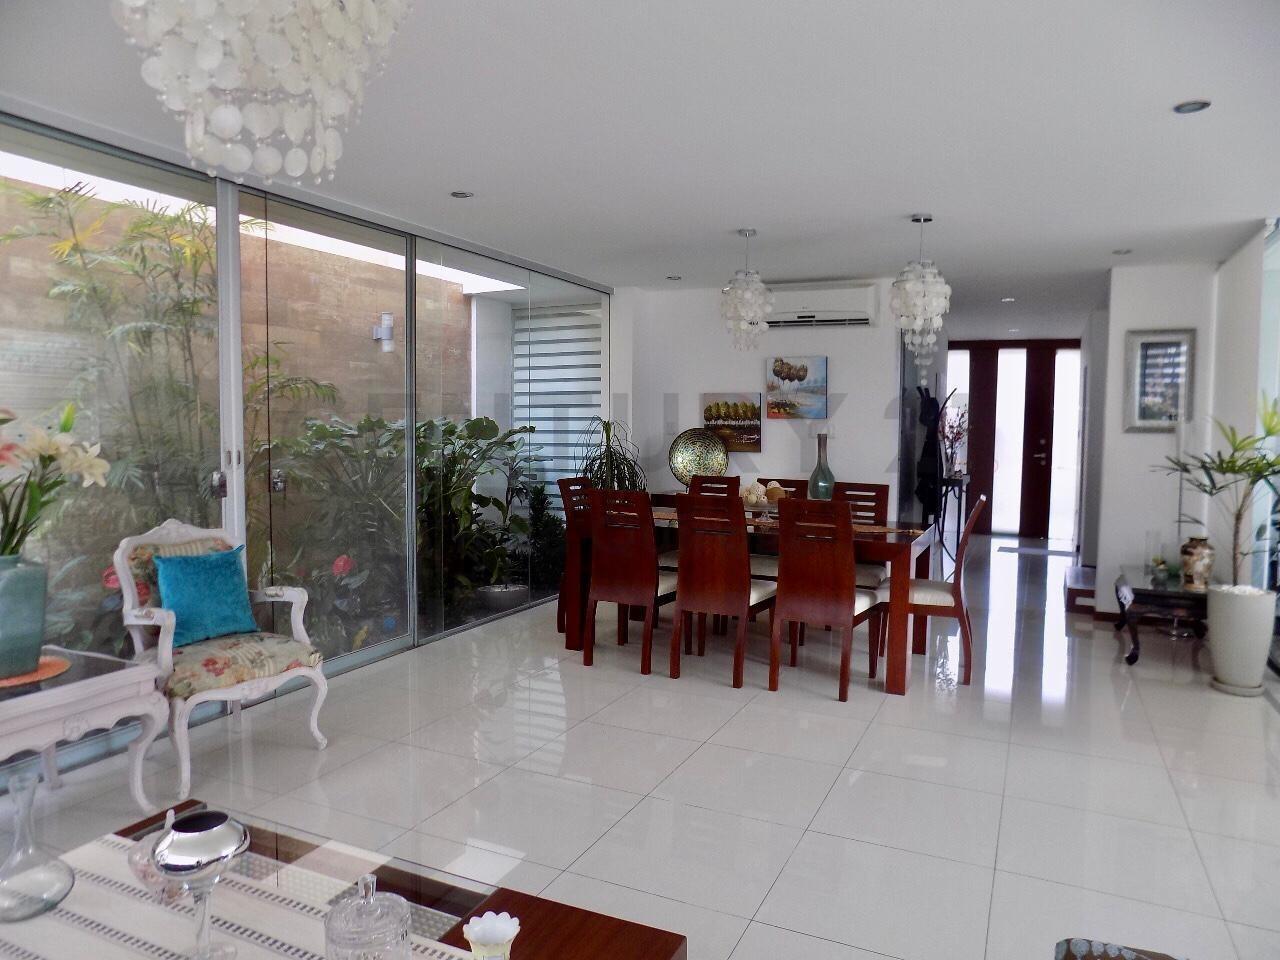 Casa en Alquiler CASA EN AQUILER CONDOMINIO COSTA LOS BATOS URUBO Foto 6